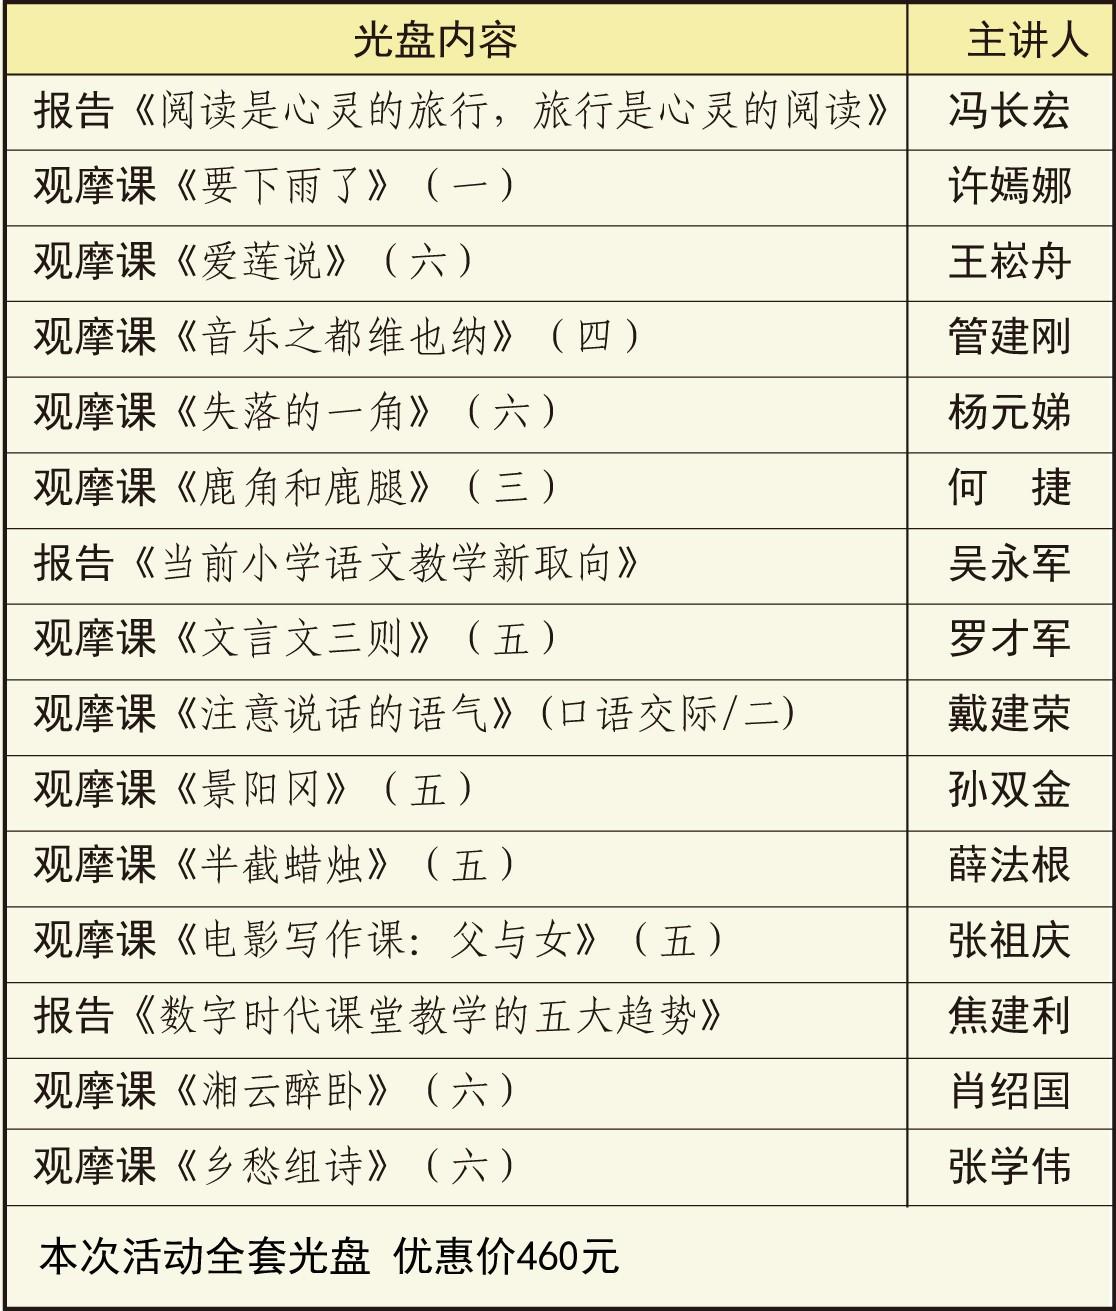 28届扬州语文光盘图.jpg